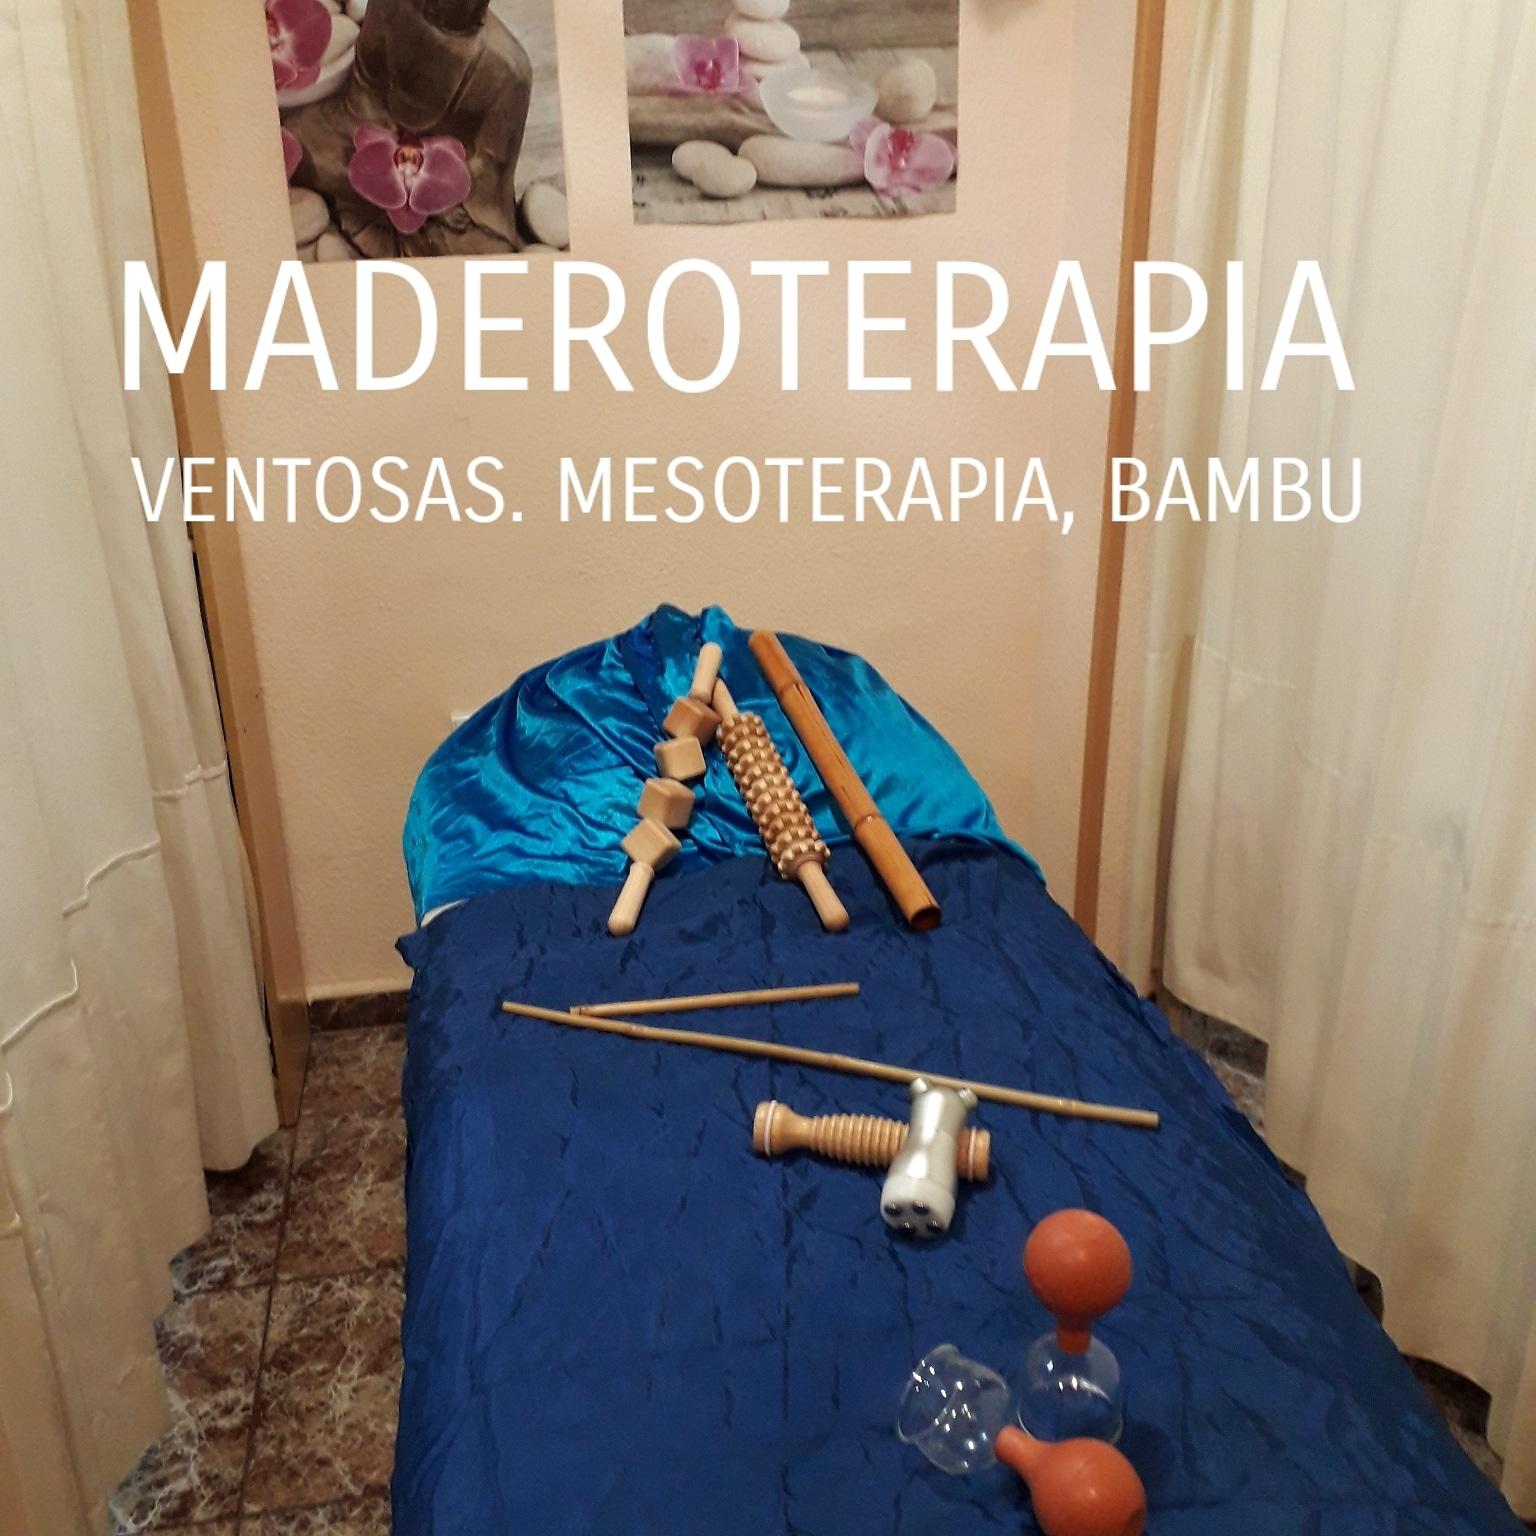 MADEROTERAPIA.